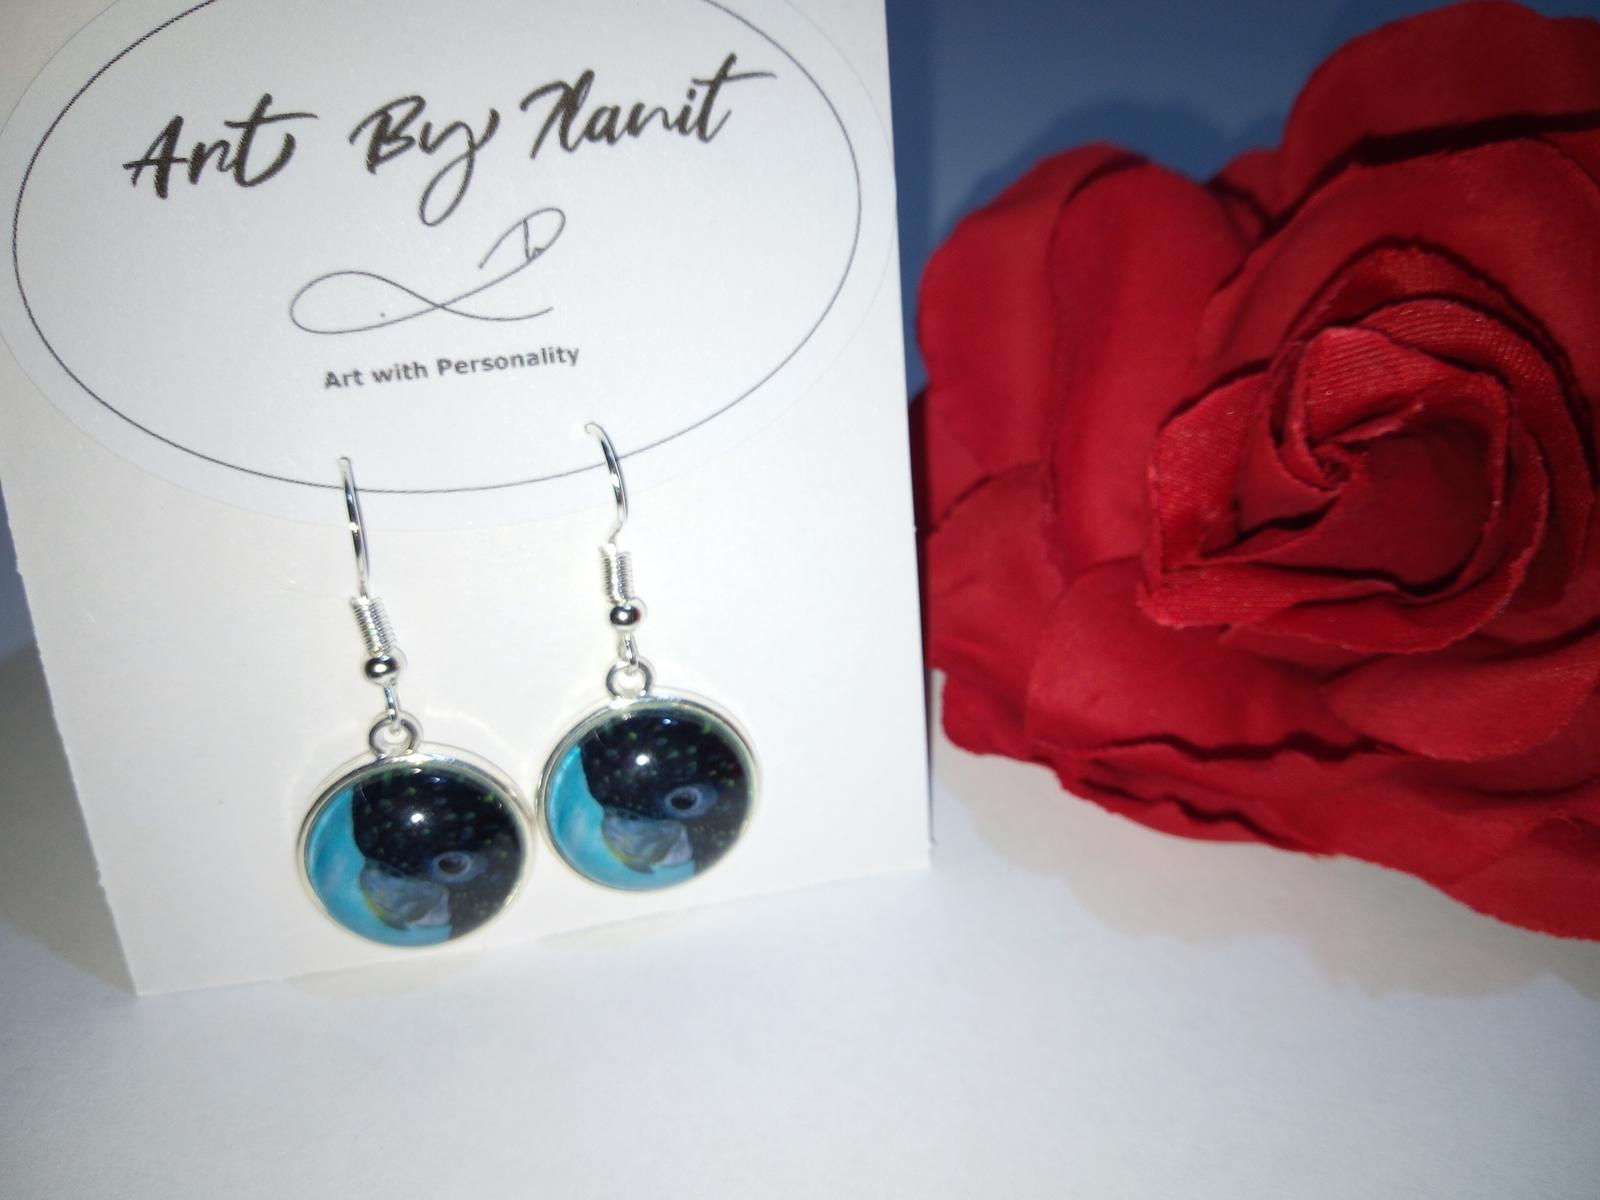 5) Jewellery